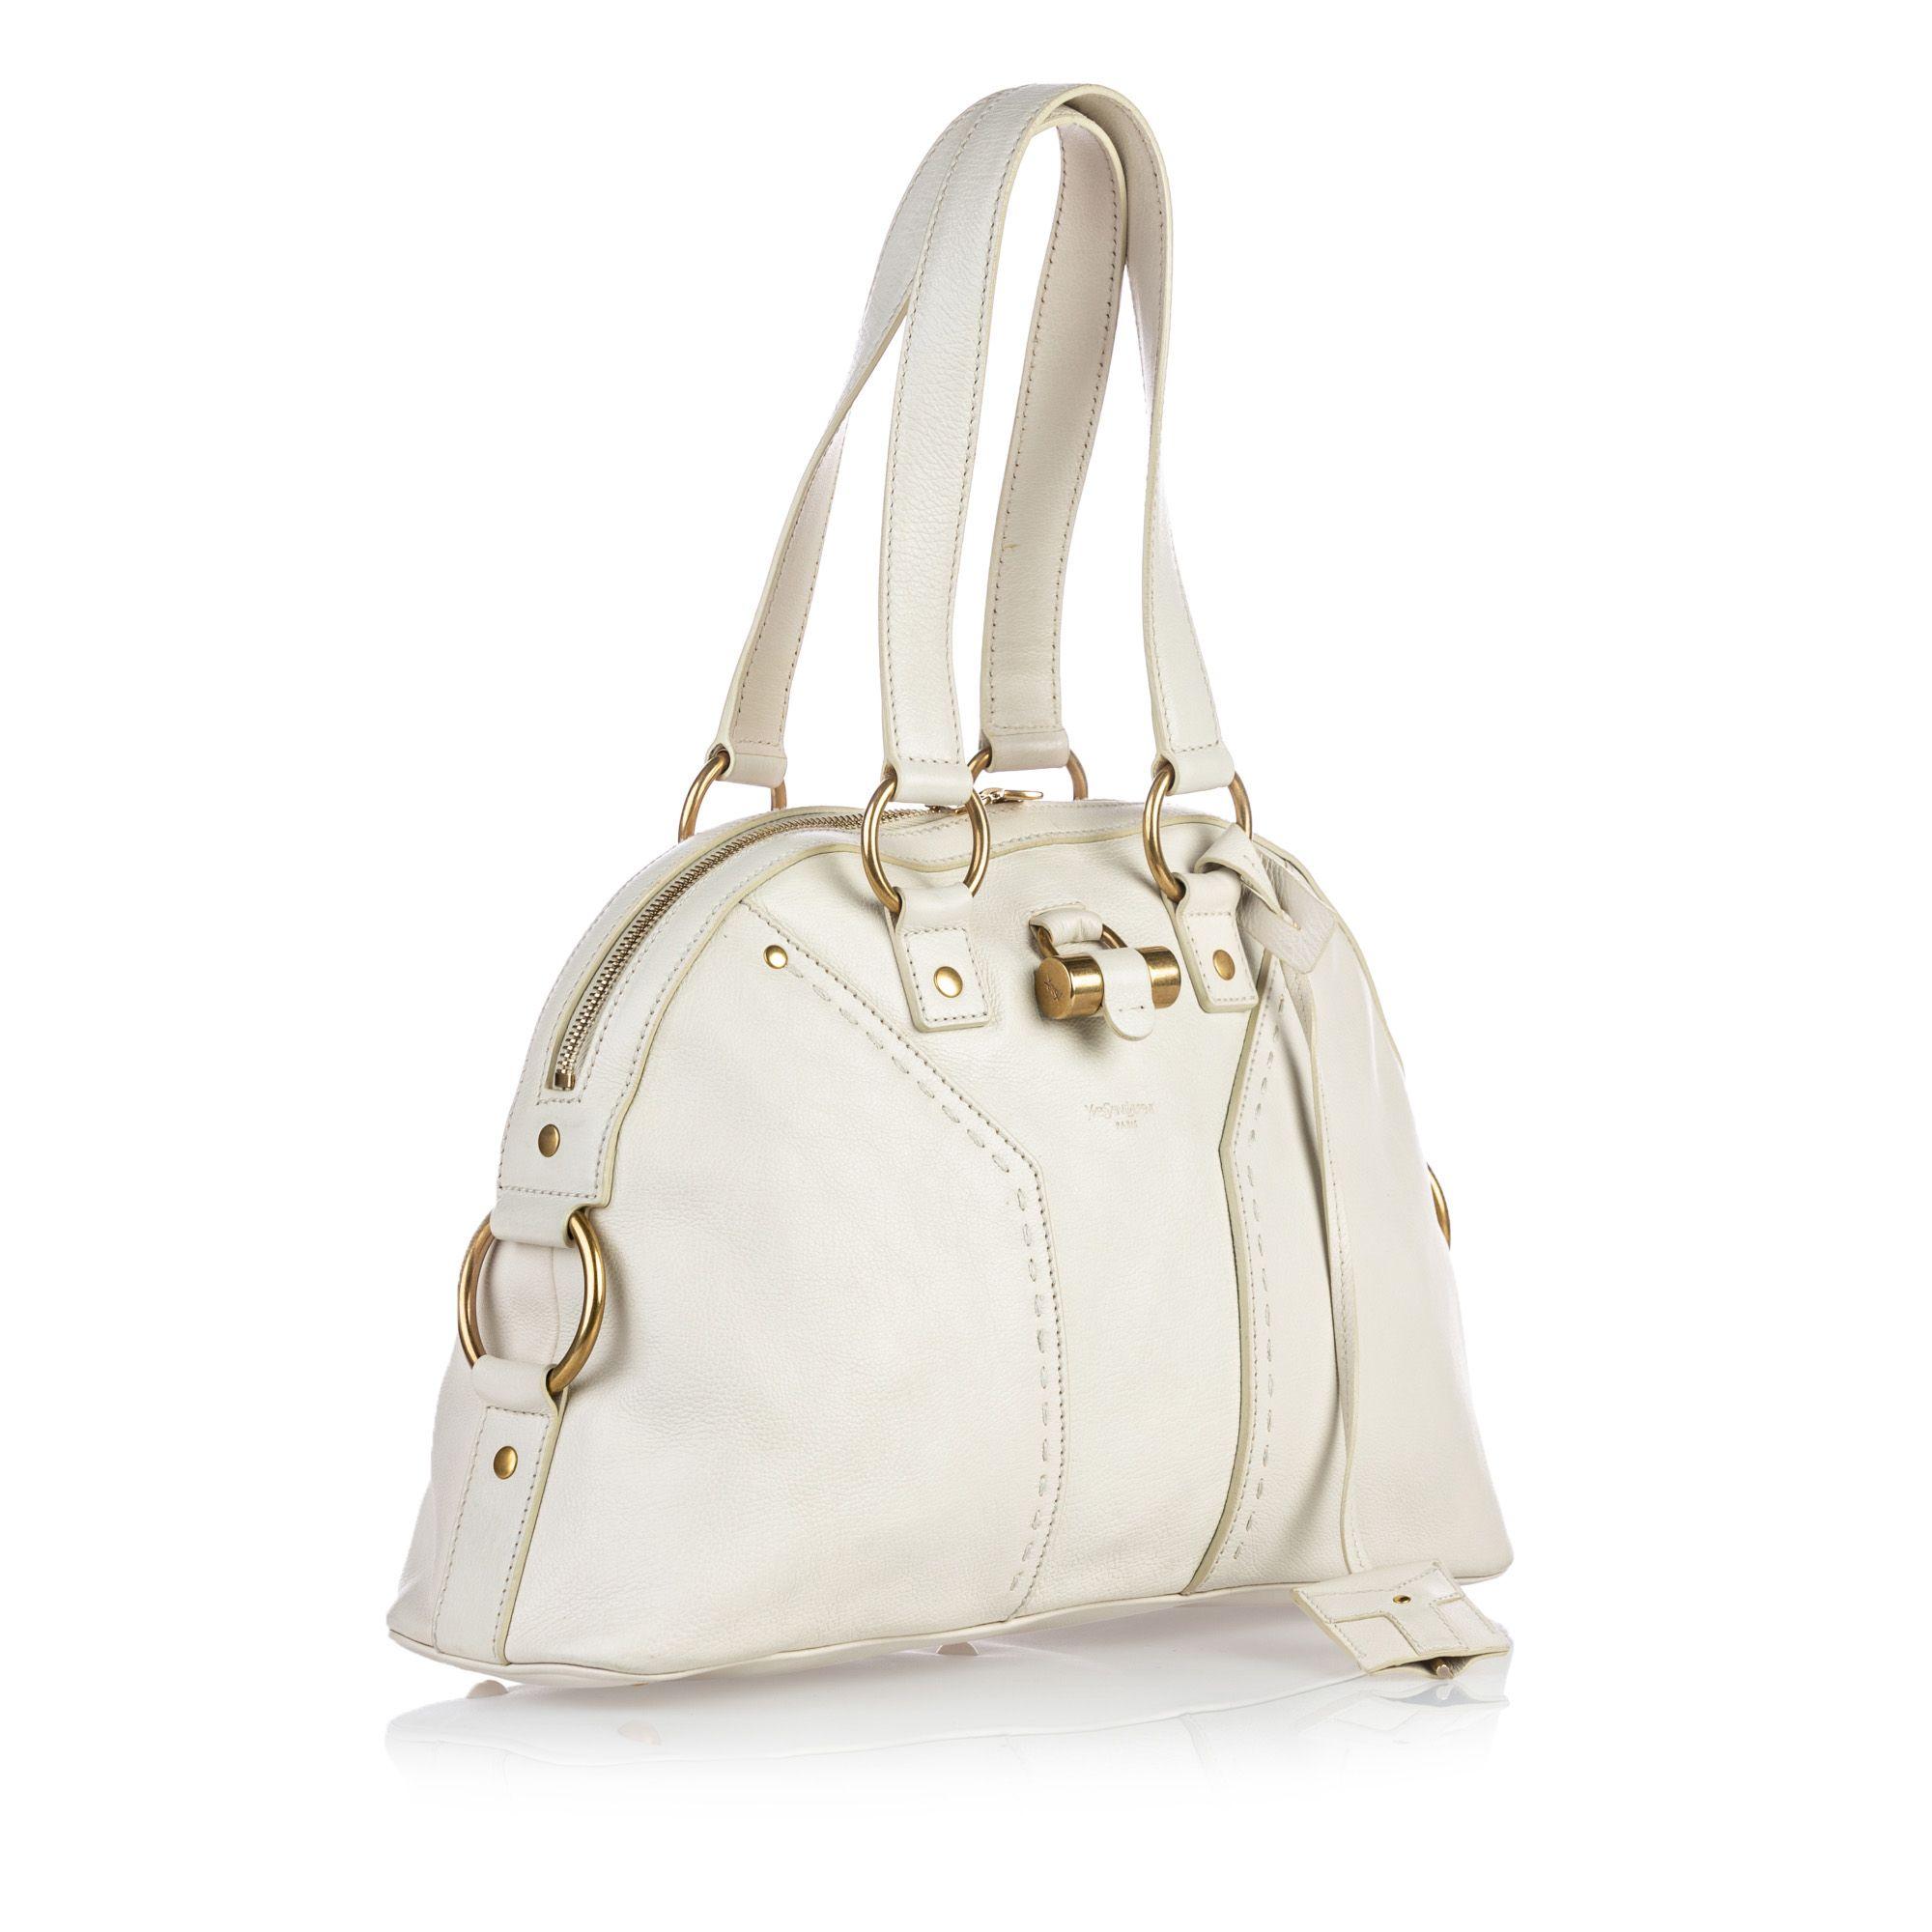 Vintage YSL Leather Muse Shoulder Bag White